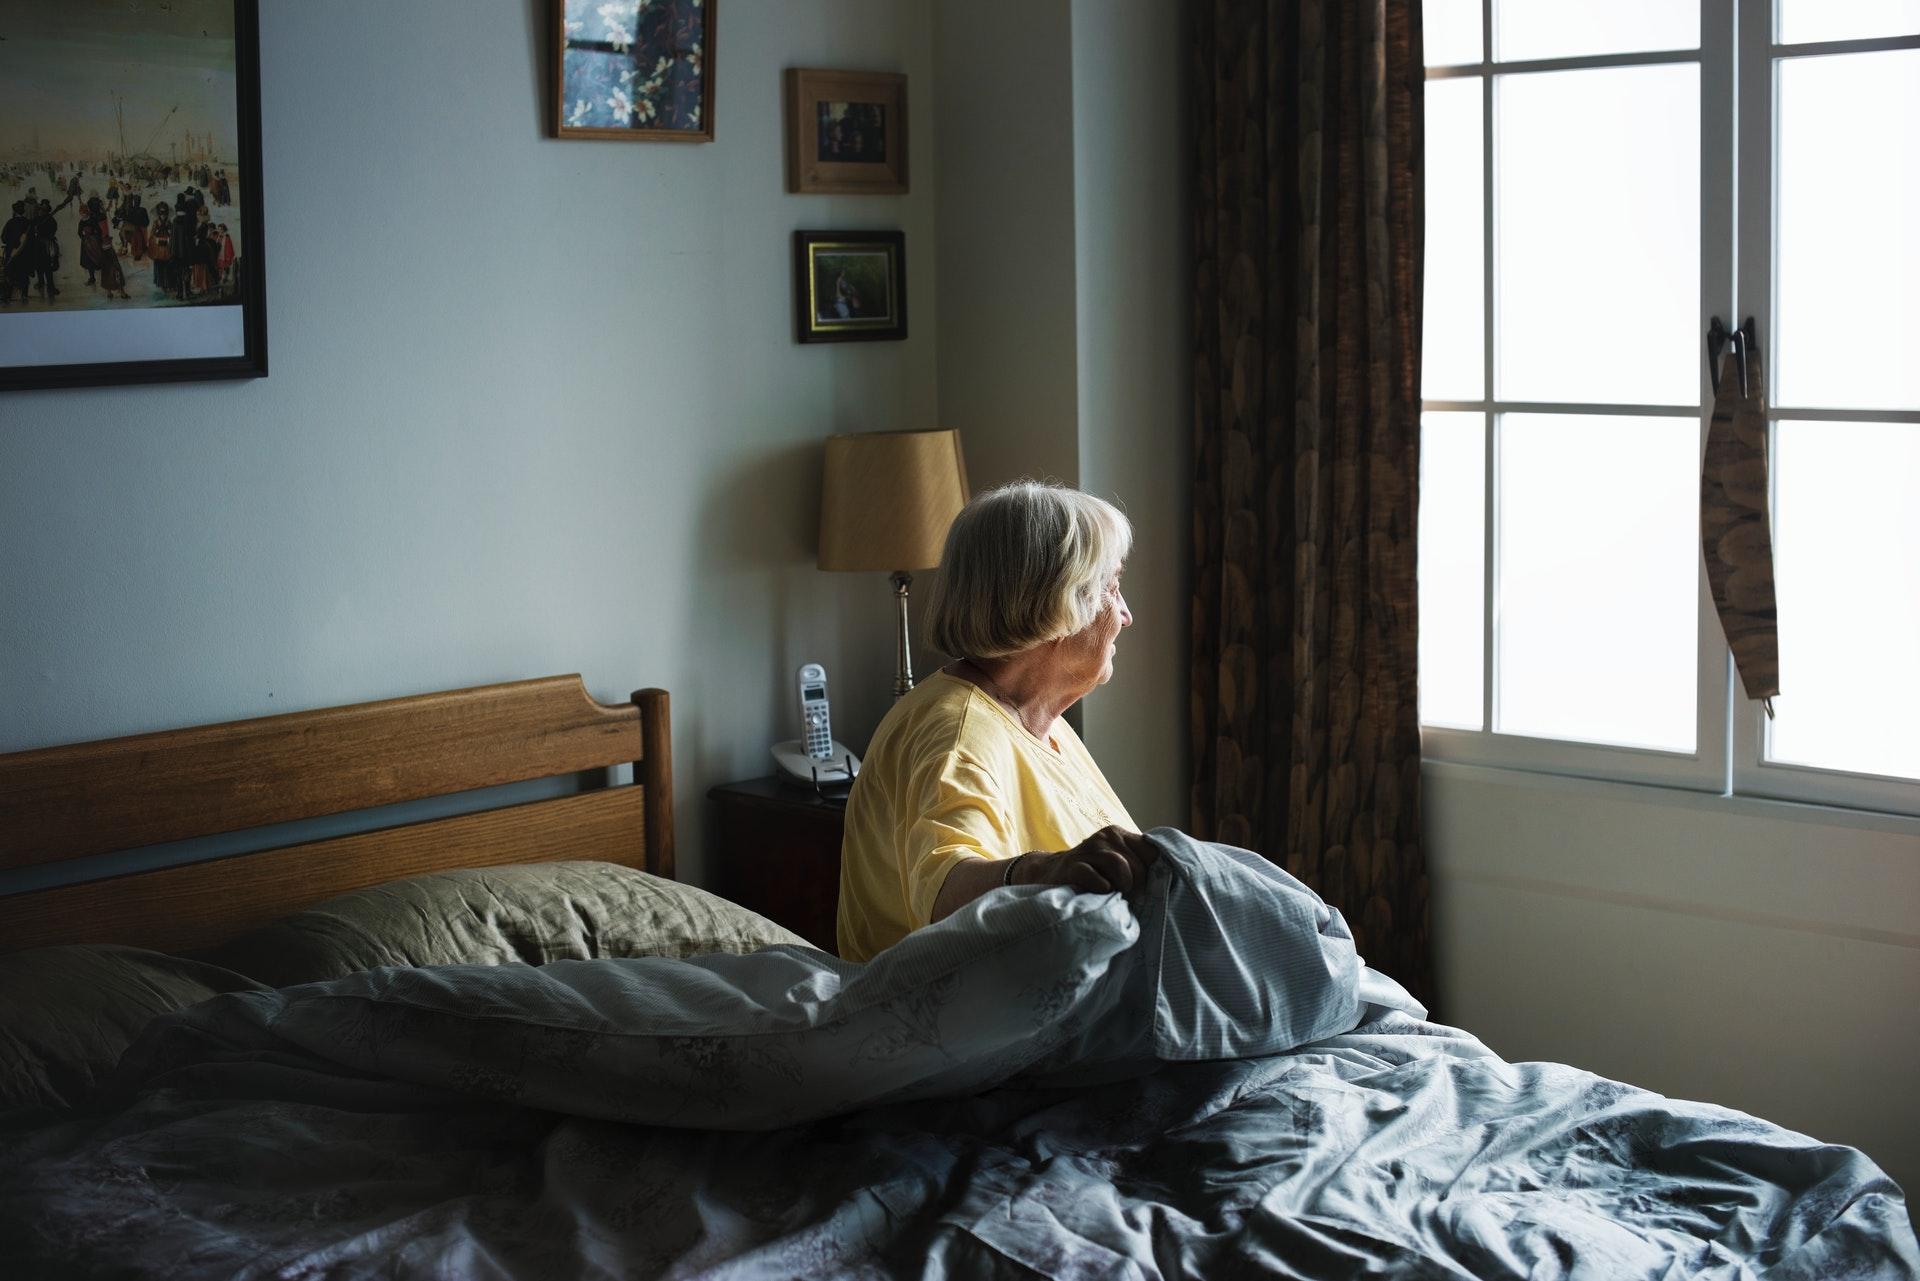 bed-bedroom-elderly